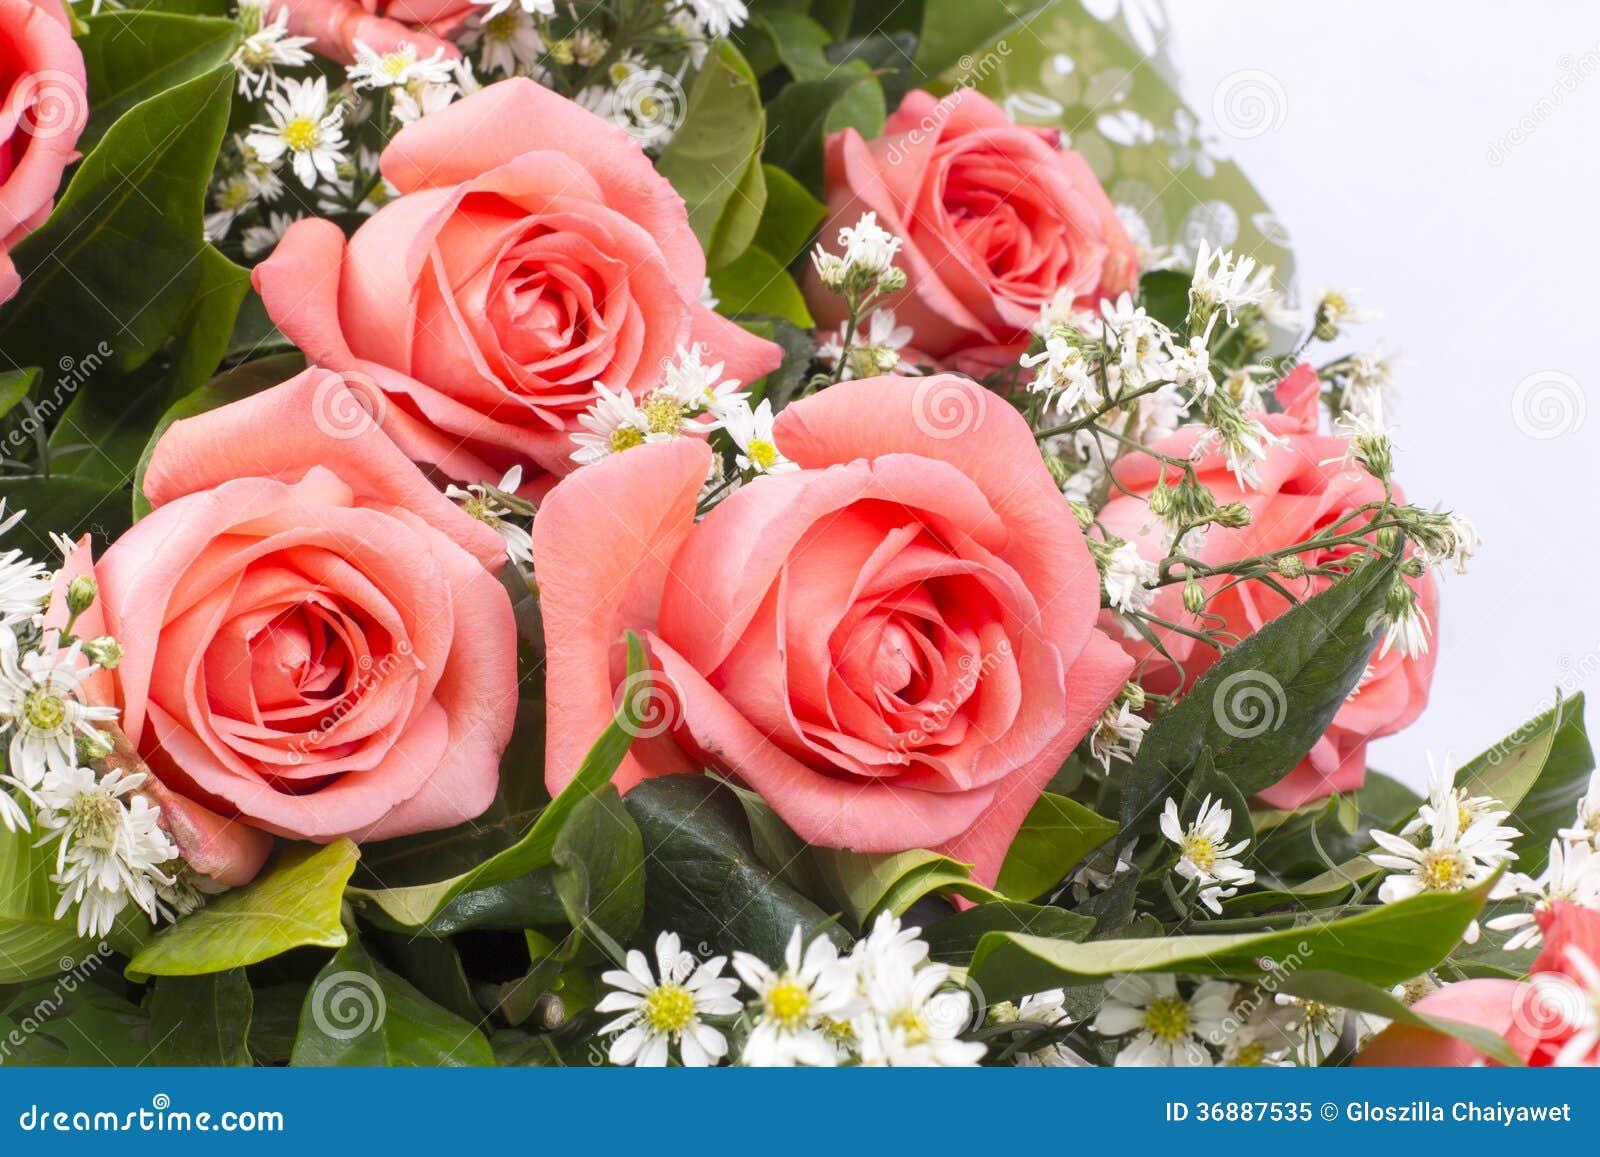 Download Immagine Di Sfondo Delle Rose Rosa Immagine Stock - Immagine di flora, fiore: 36887535